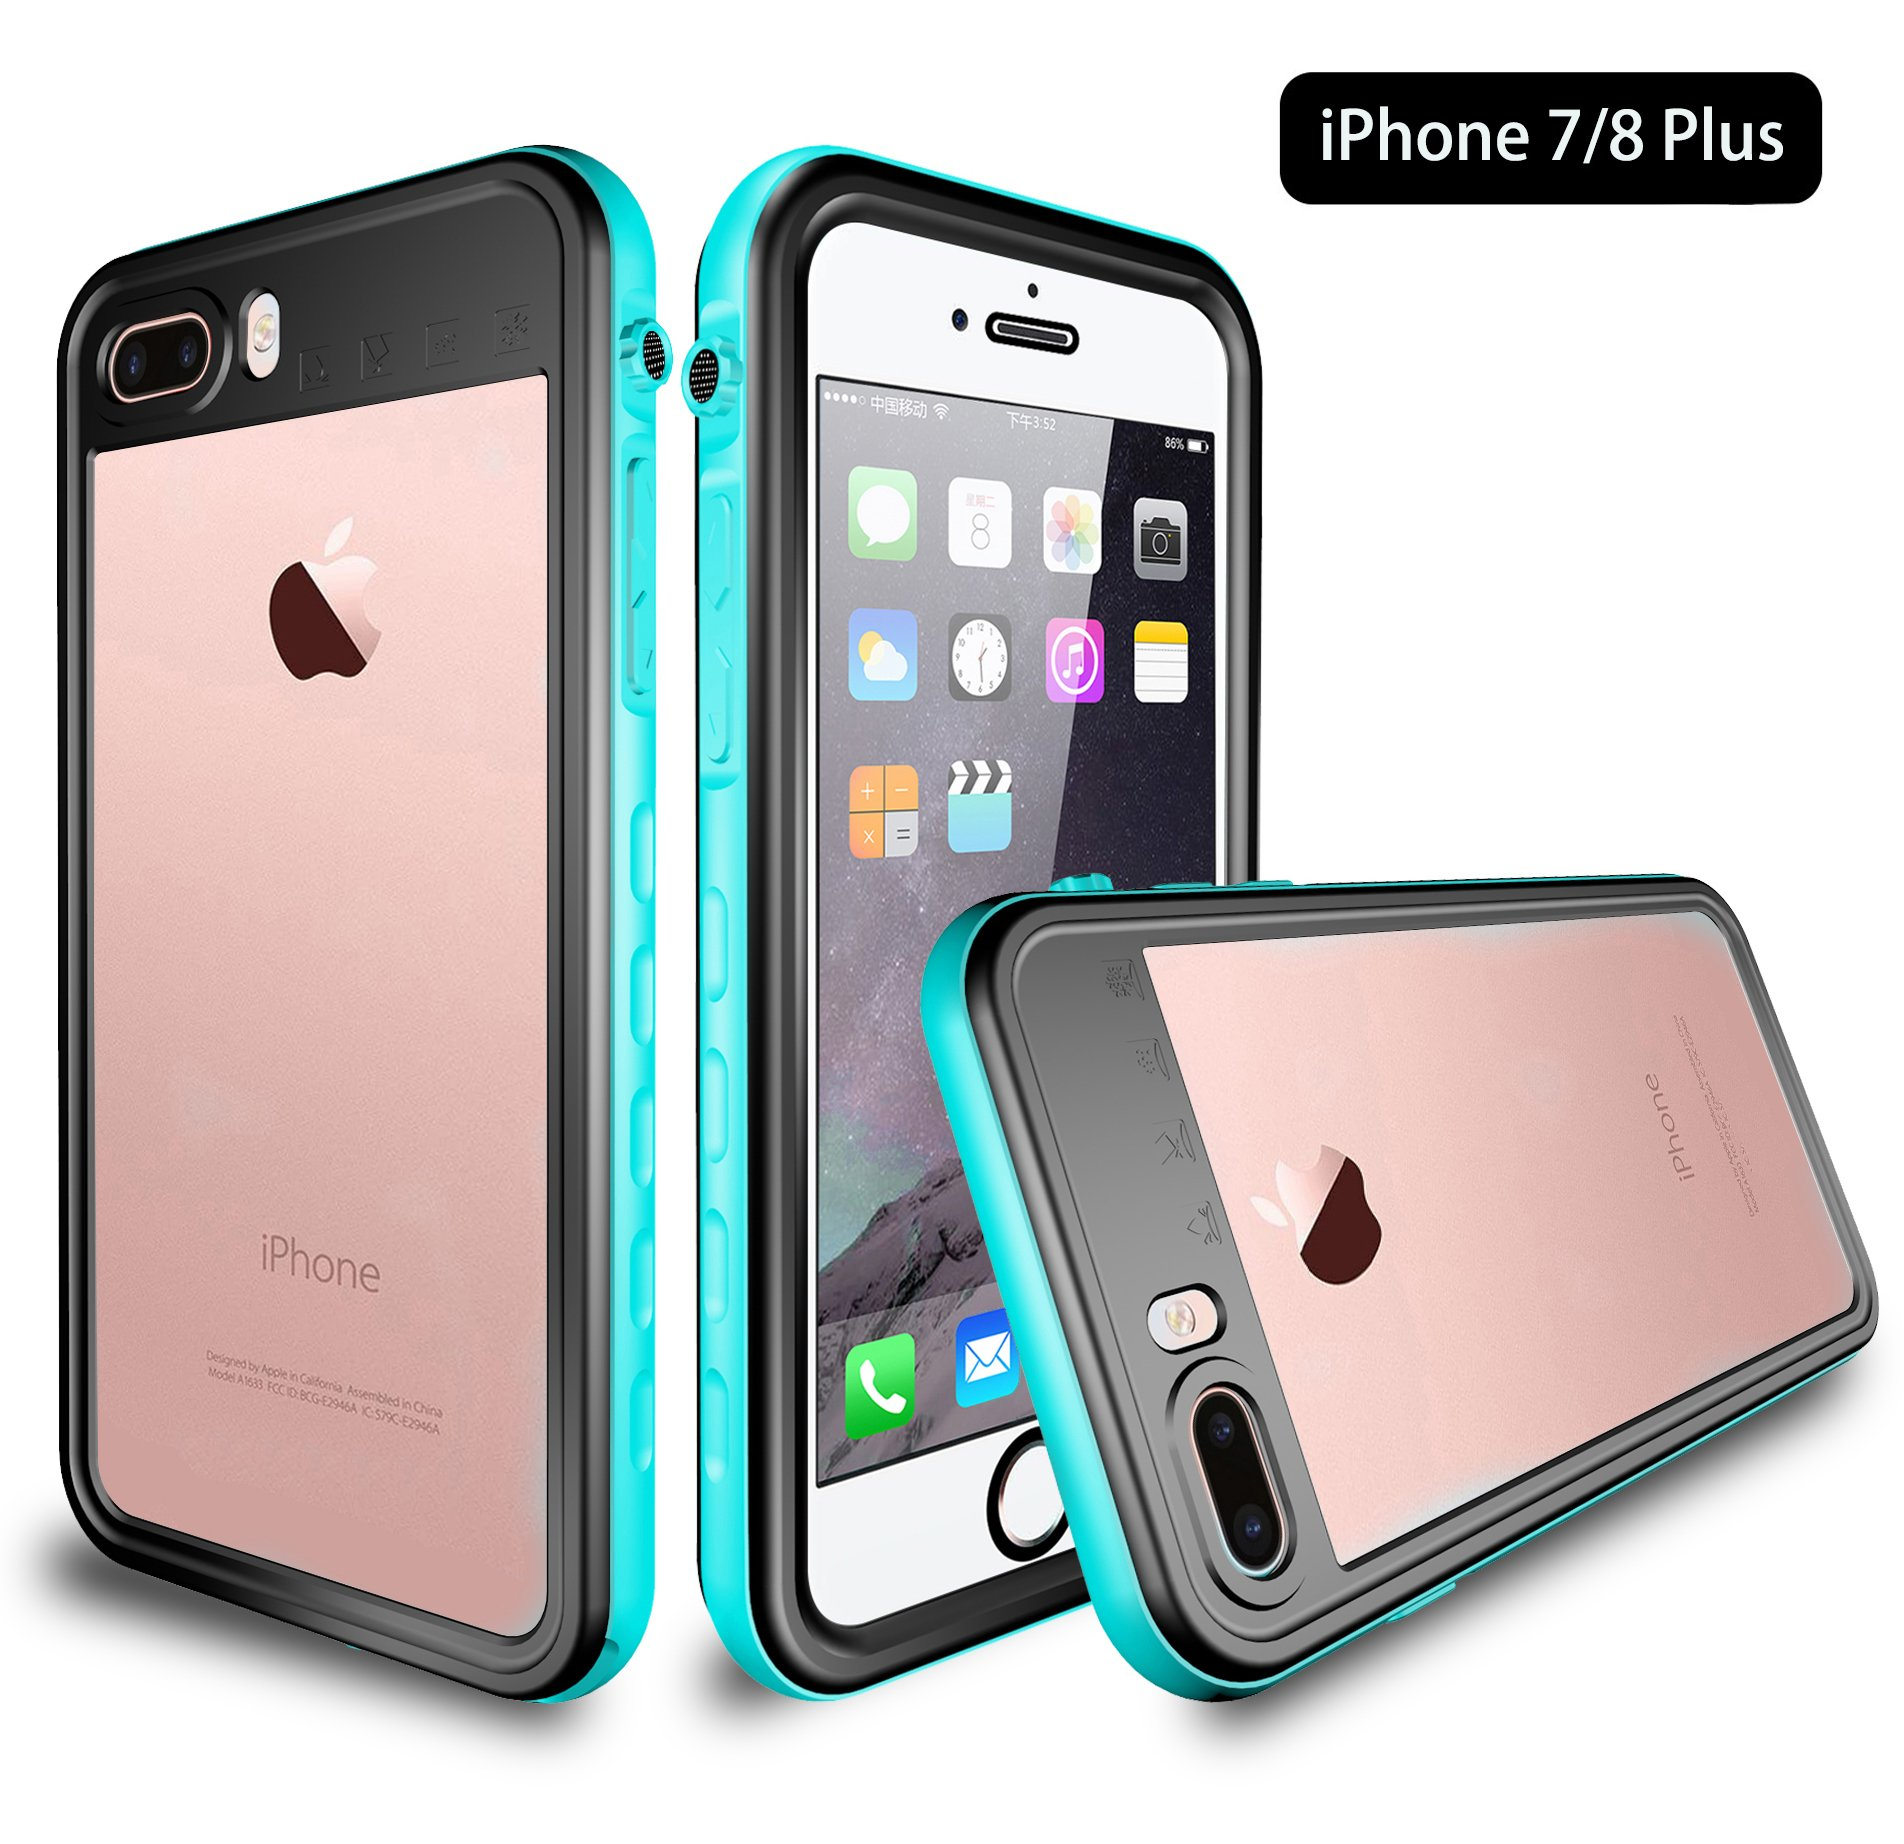 iPhone 8 Plus/7 Plus Waterproof Case, Dooge IP68 Certified Snowproof/Shockproof/Dirtproof Fully Sealed Underwater Fullbody Heavy Duty Protective Case w/Built-in Screen Protector for iPhone 7/8 Plus